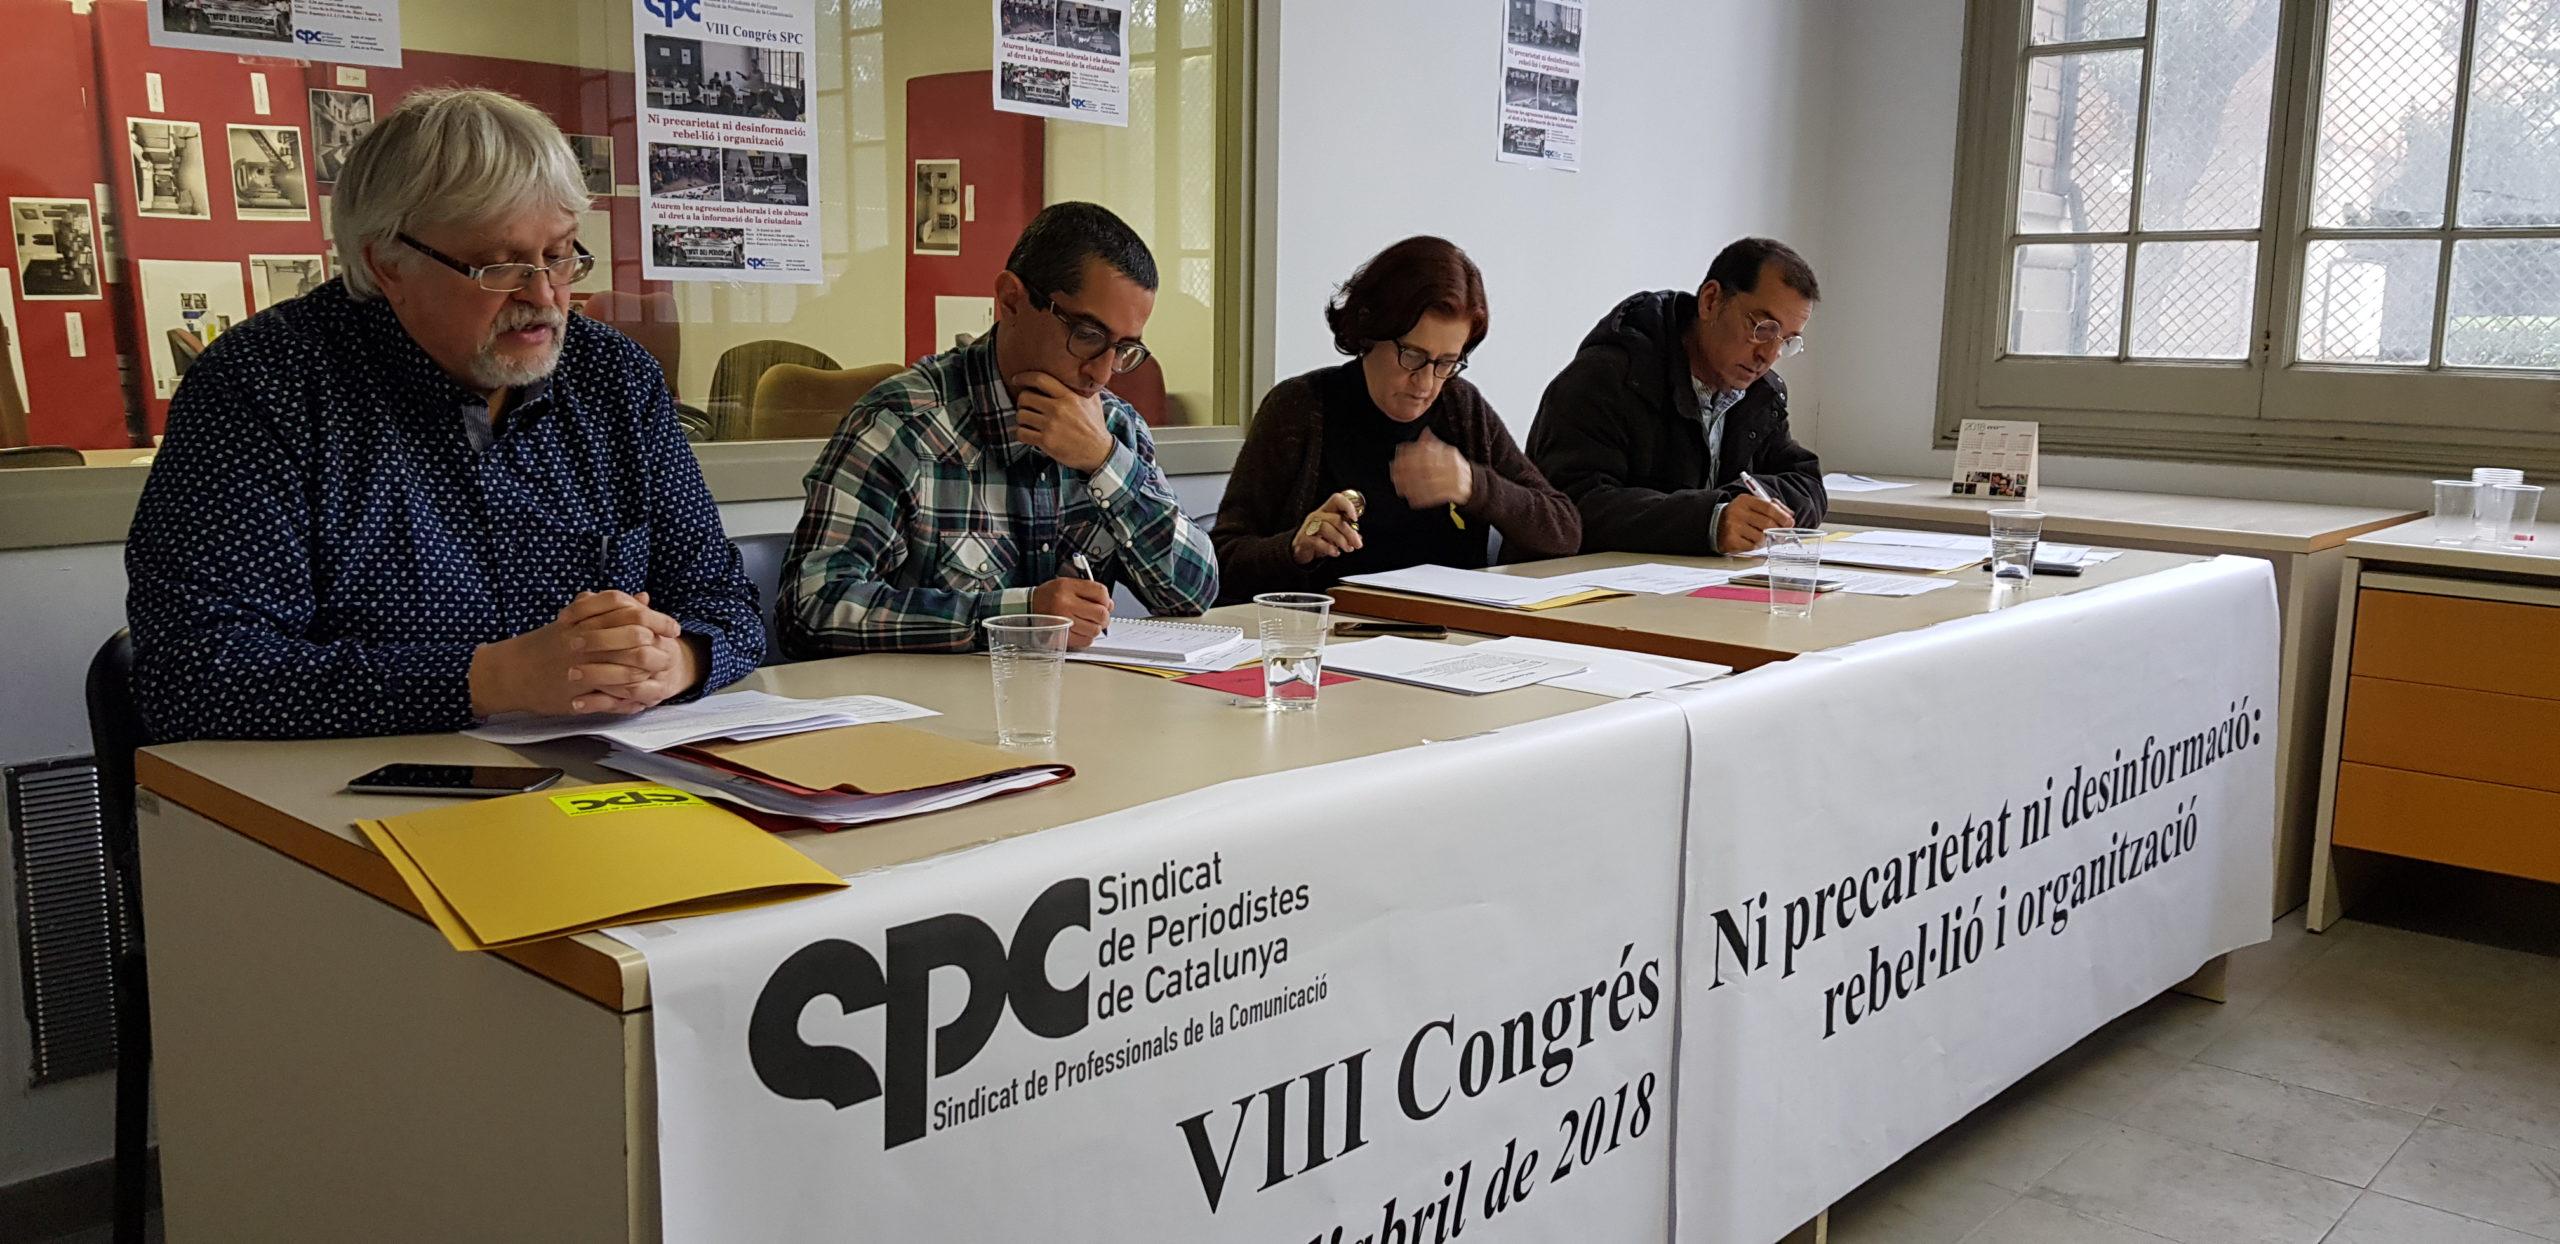 VIII Congrés SPC 2018 - Estrada - Sindicat de Periodistes de Catalunya - Sindicat de Professionals de la Comunicació